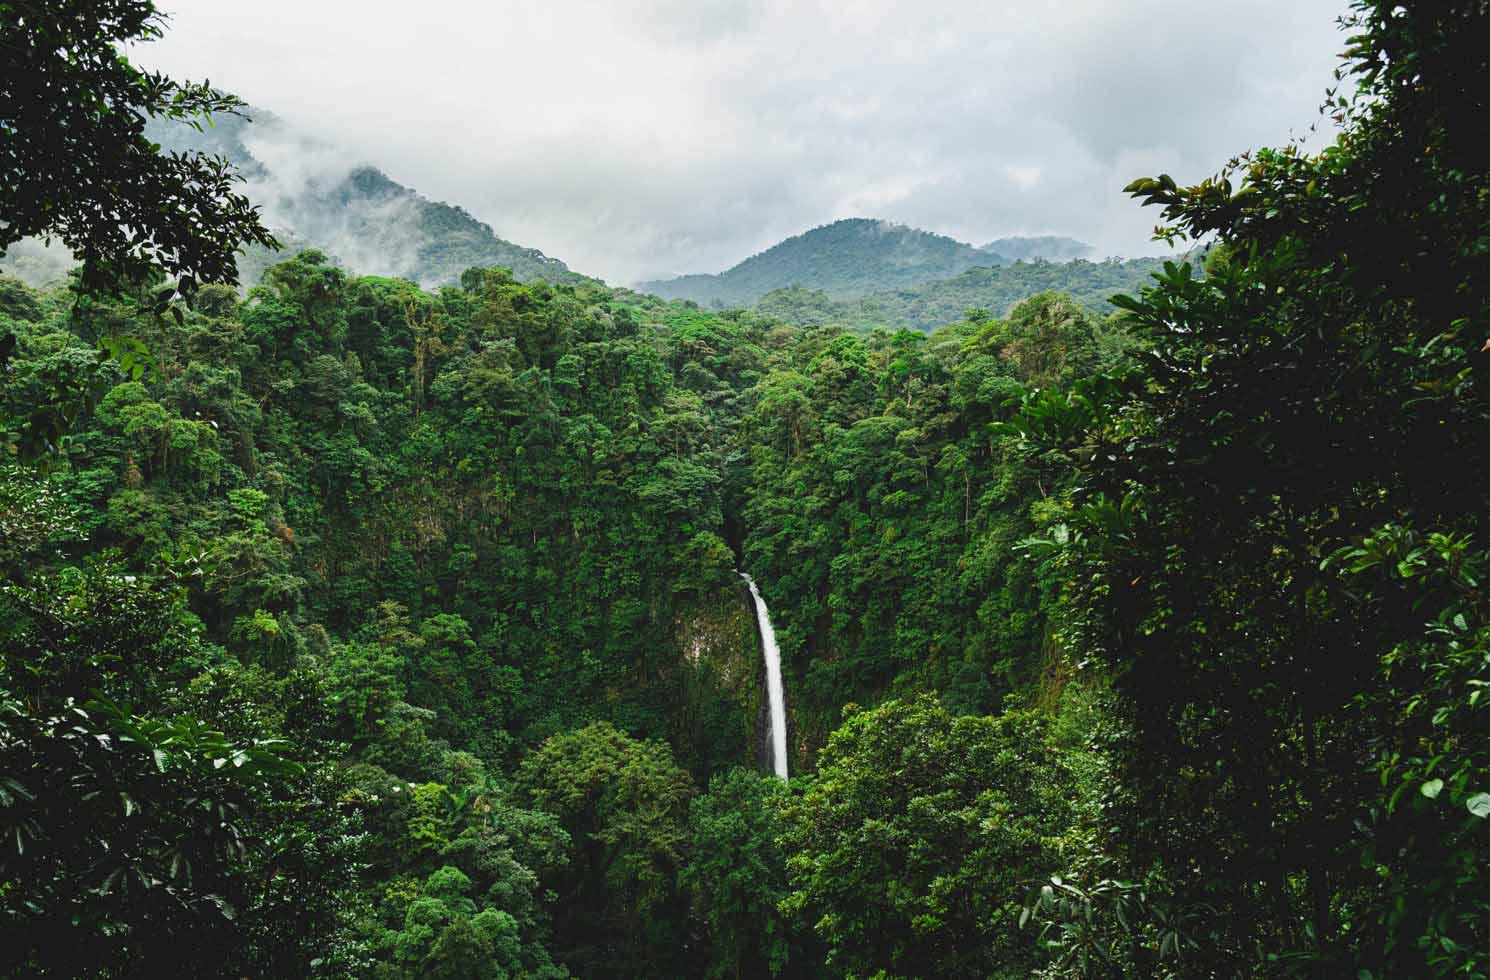 Praktikum in Costa Rica